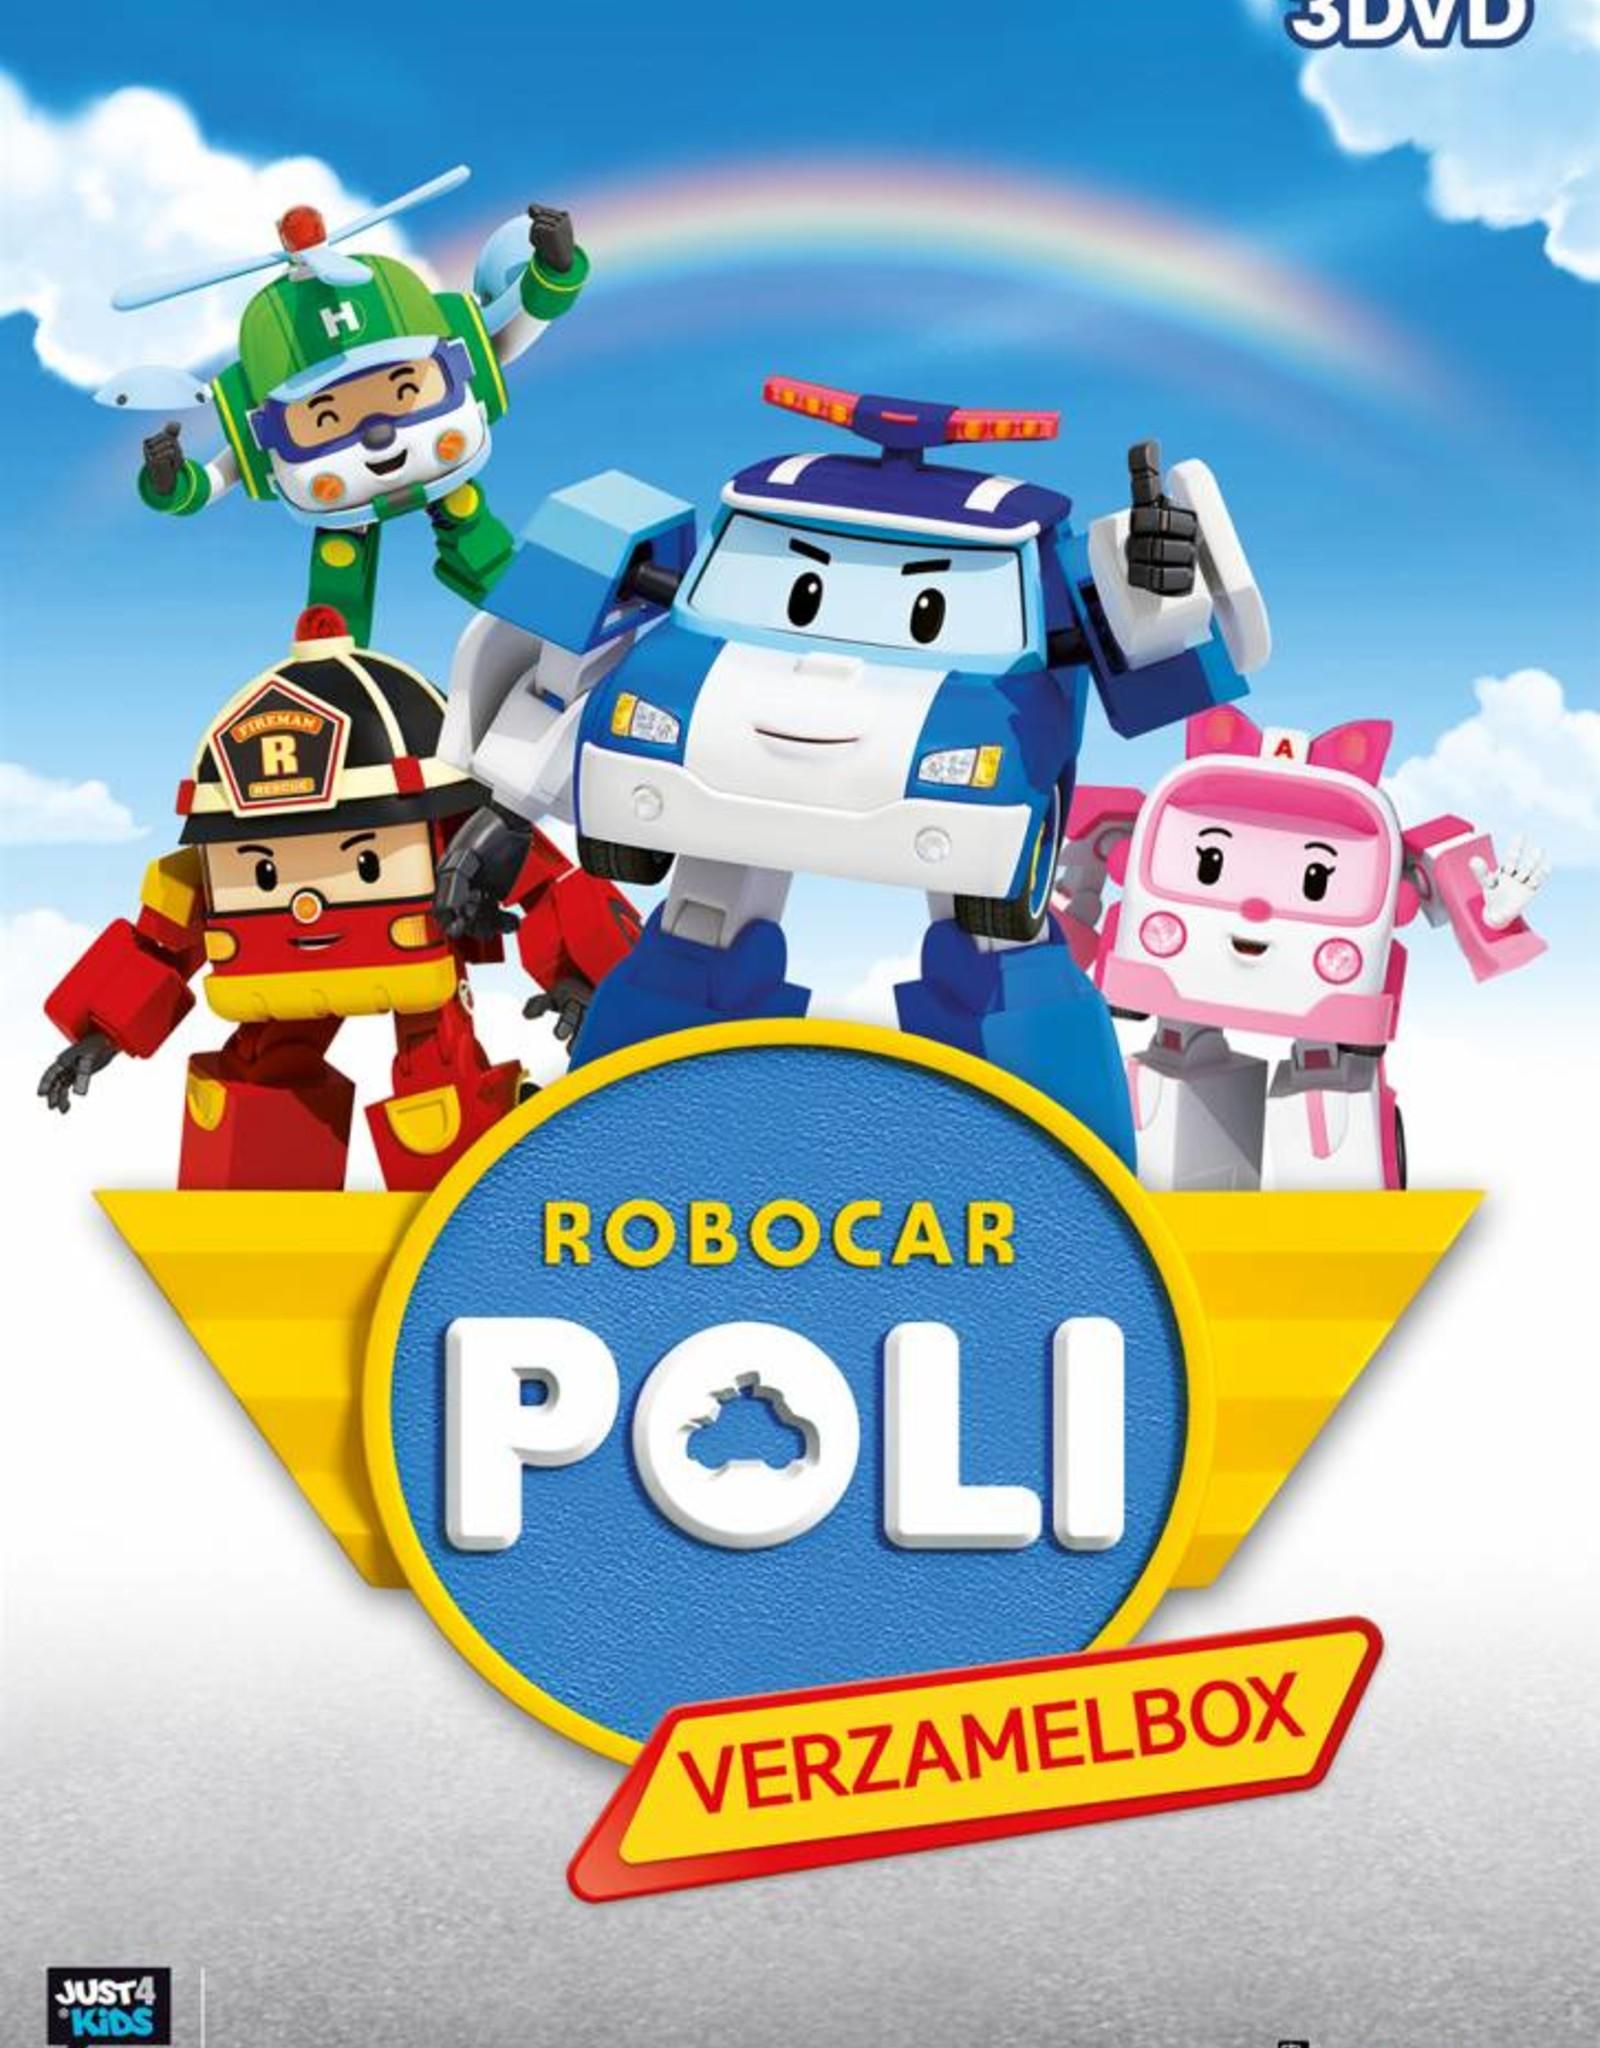 Just Entertainment Robocar Poli - deel 1 t/m 3